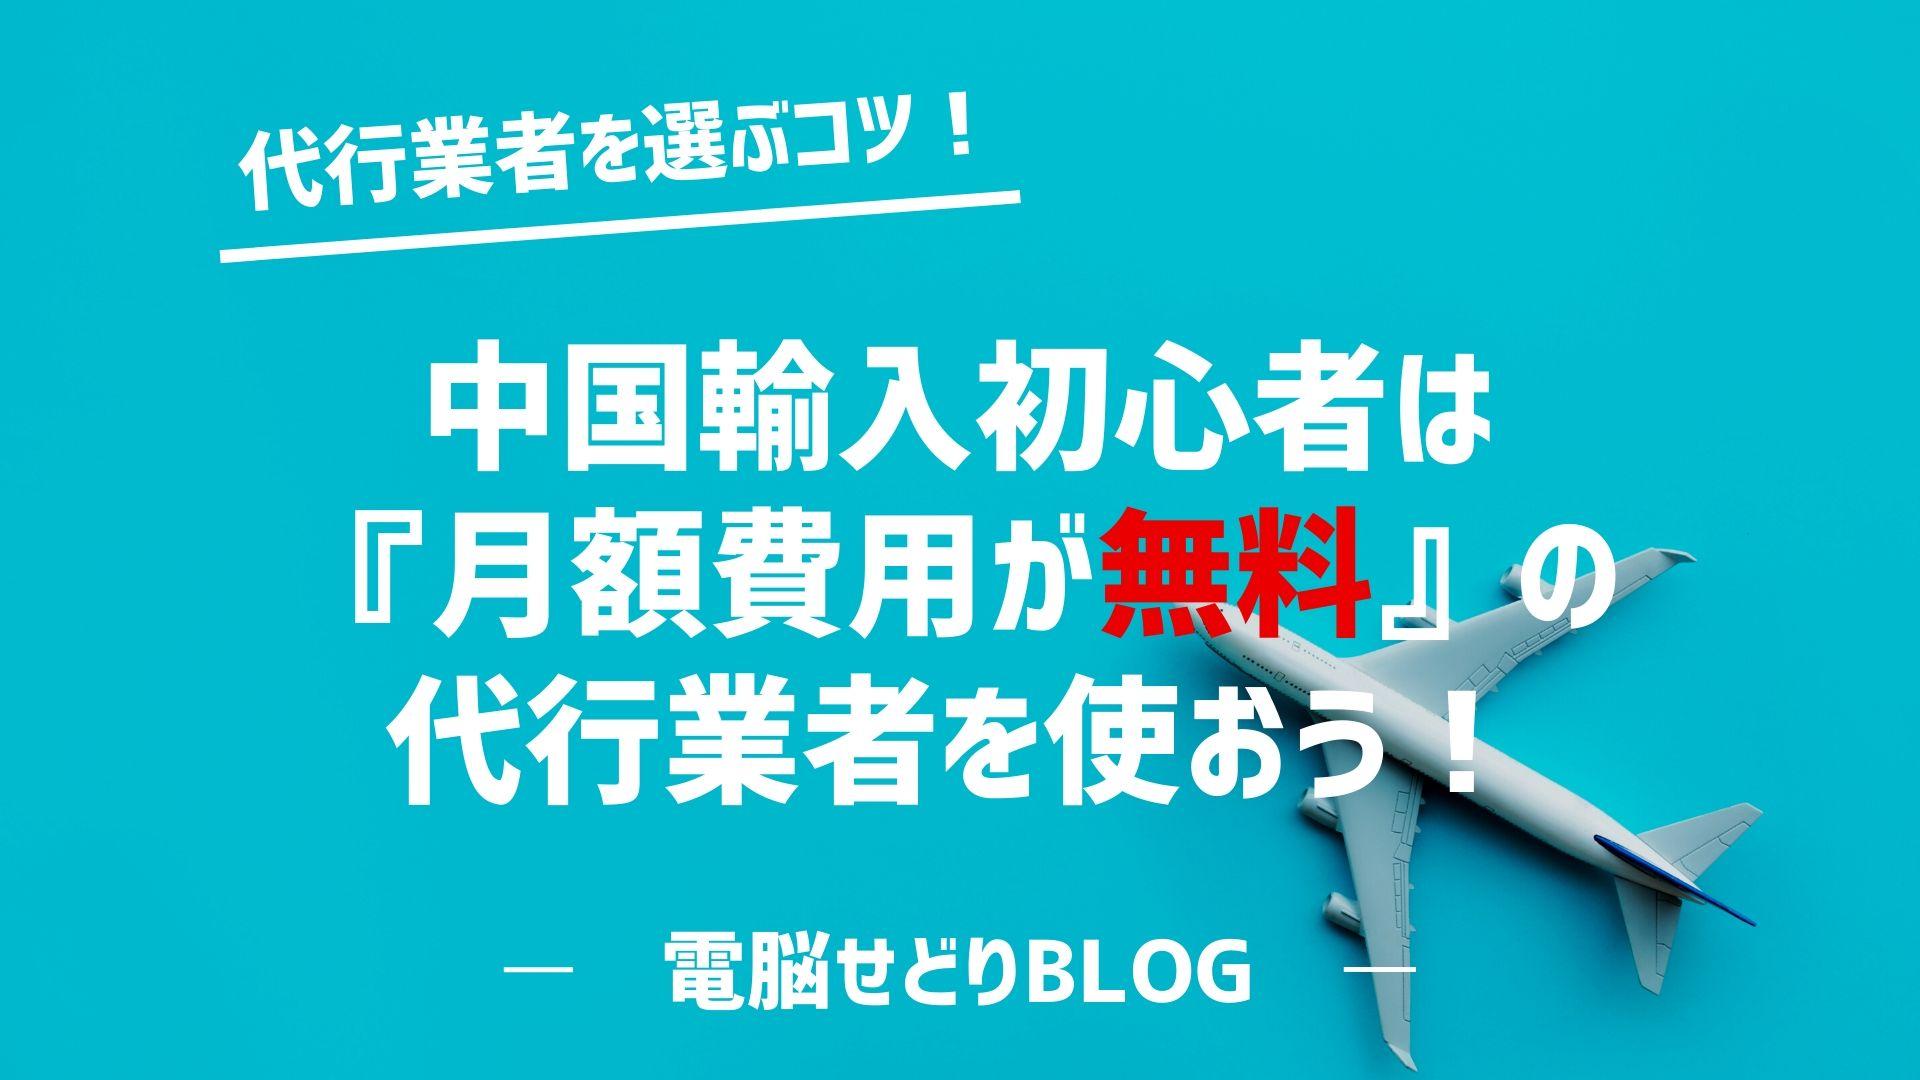 中国輸入の代行業者を選ぶコツ!初心者は『月額費用が無料』の代行業者を使おう!